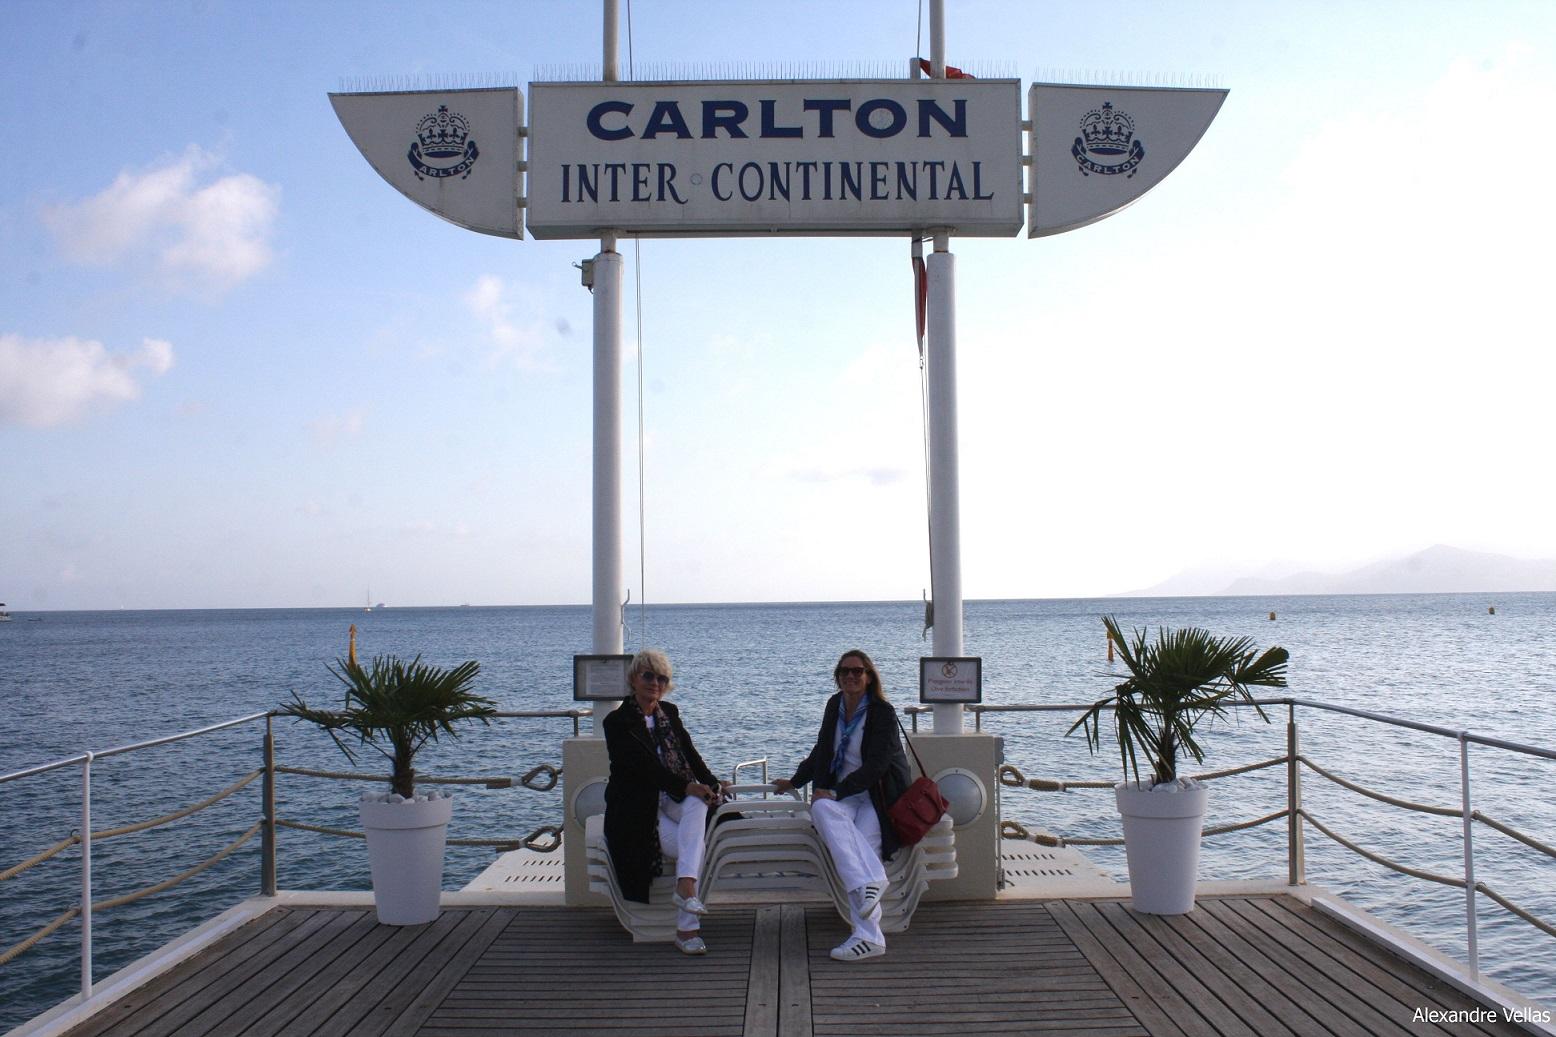 Stile e Moda a Cannes il pontile del Carlton